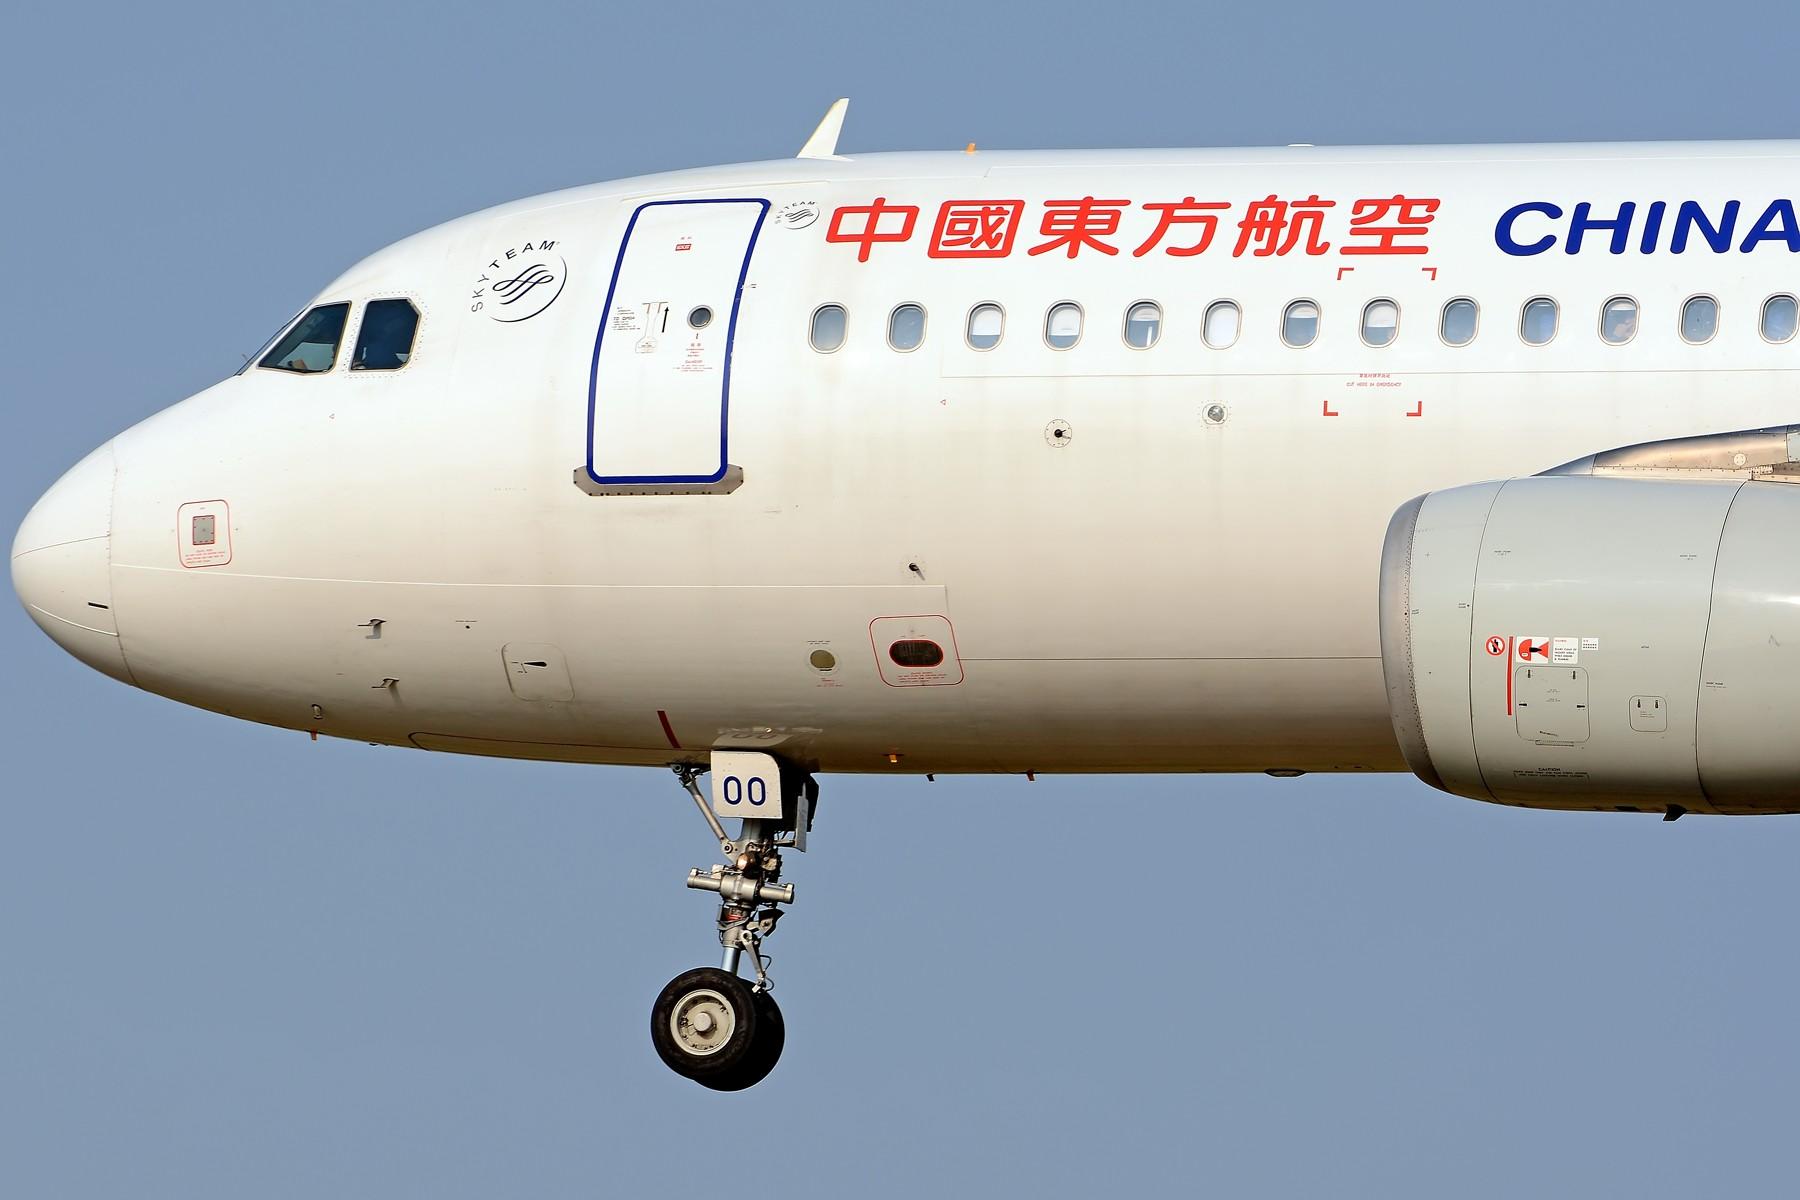 Re:[原创]【多图党】试镜200-500大头比较多 AIRBUS A320-200 B-6600 中国合肥新桥国际机场